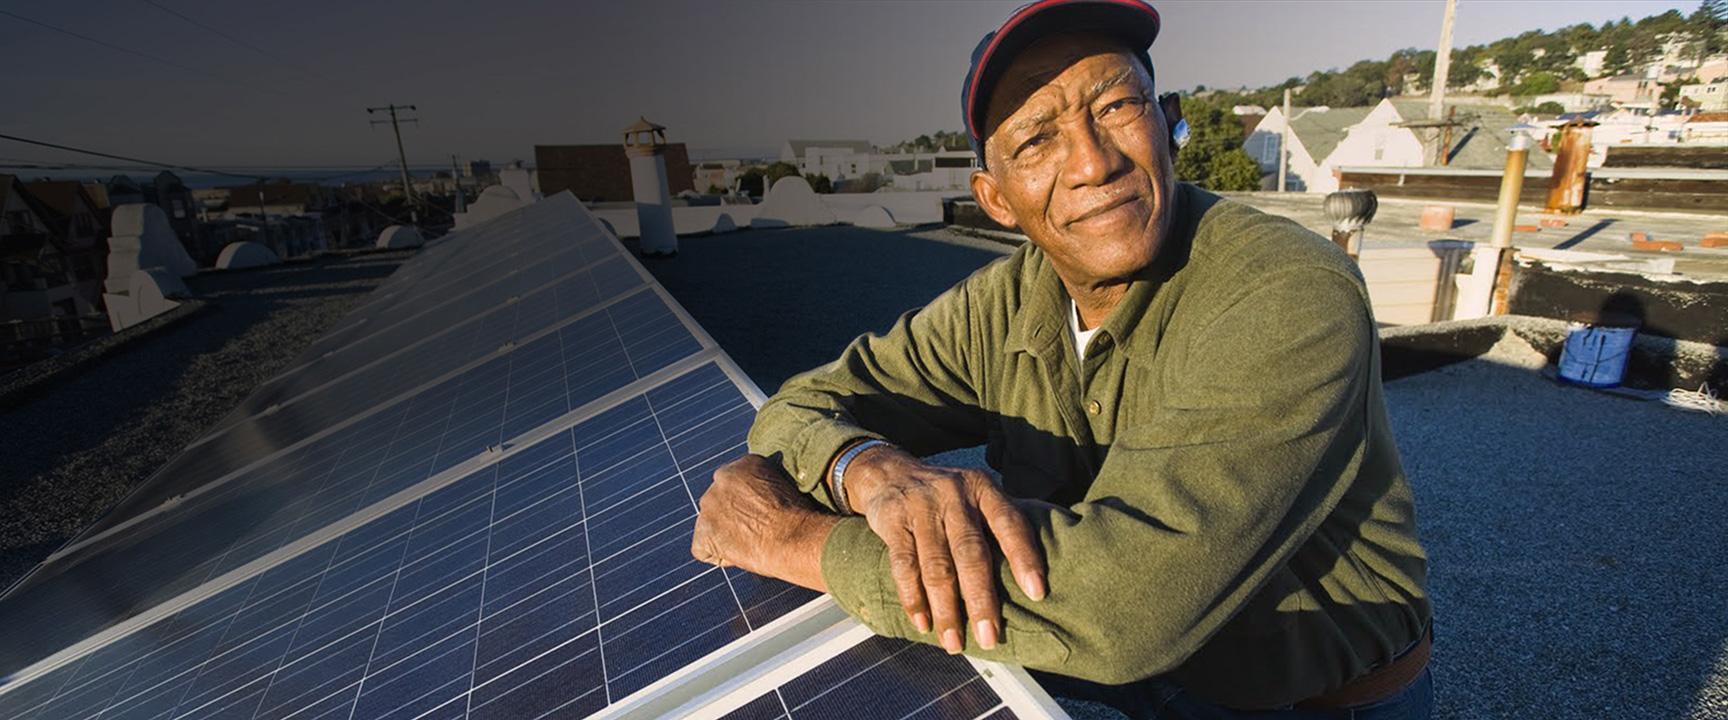 Hombre en el techo apoyado en paneles solares